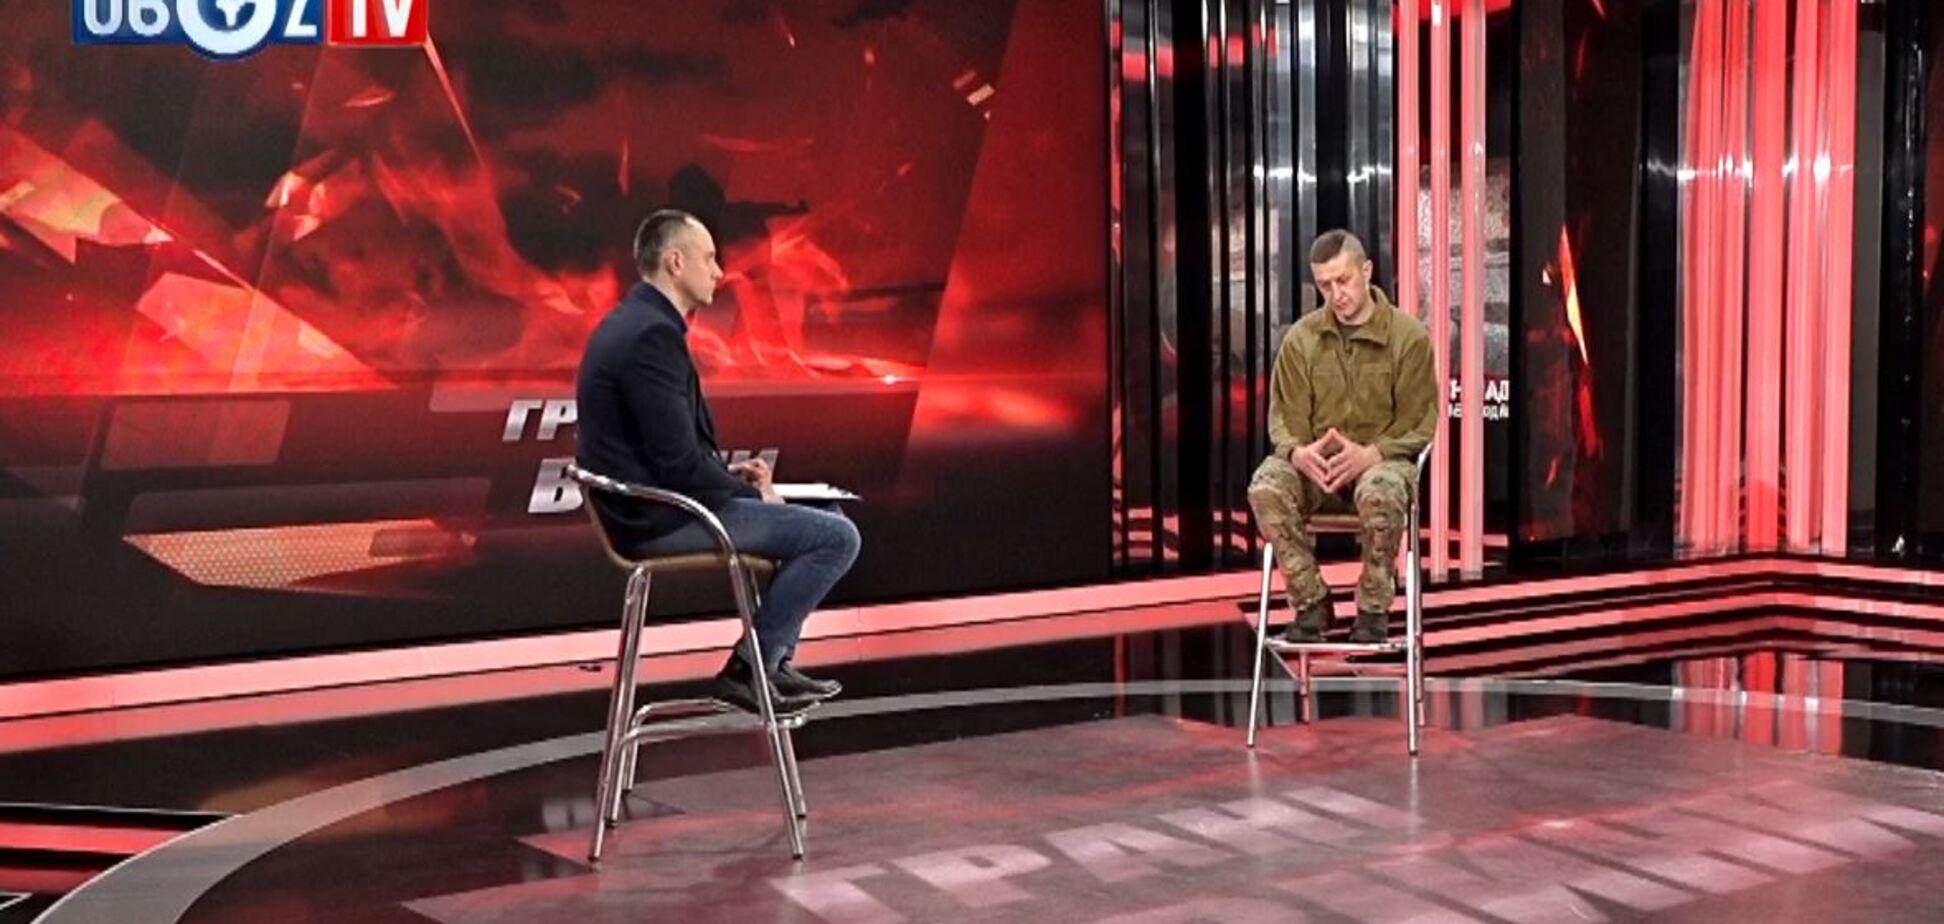 Боец АТО из Хорватии рассказал об иностранцах на Донбассе